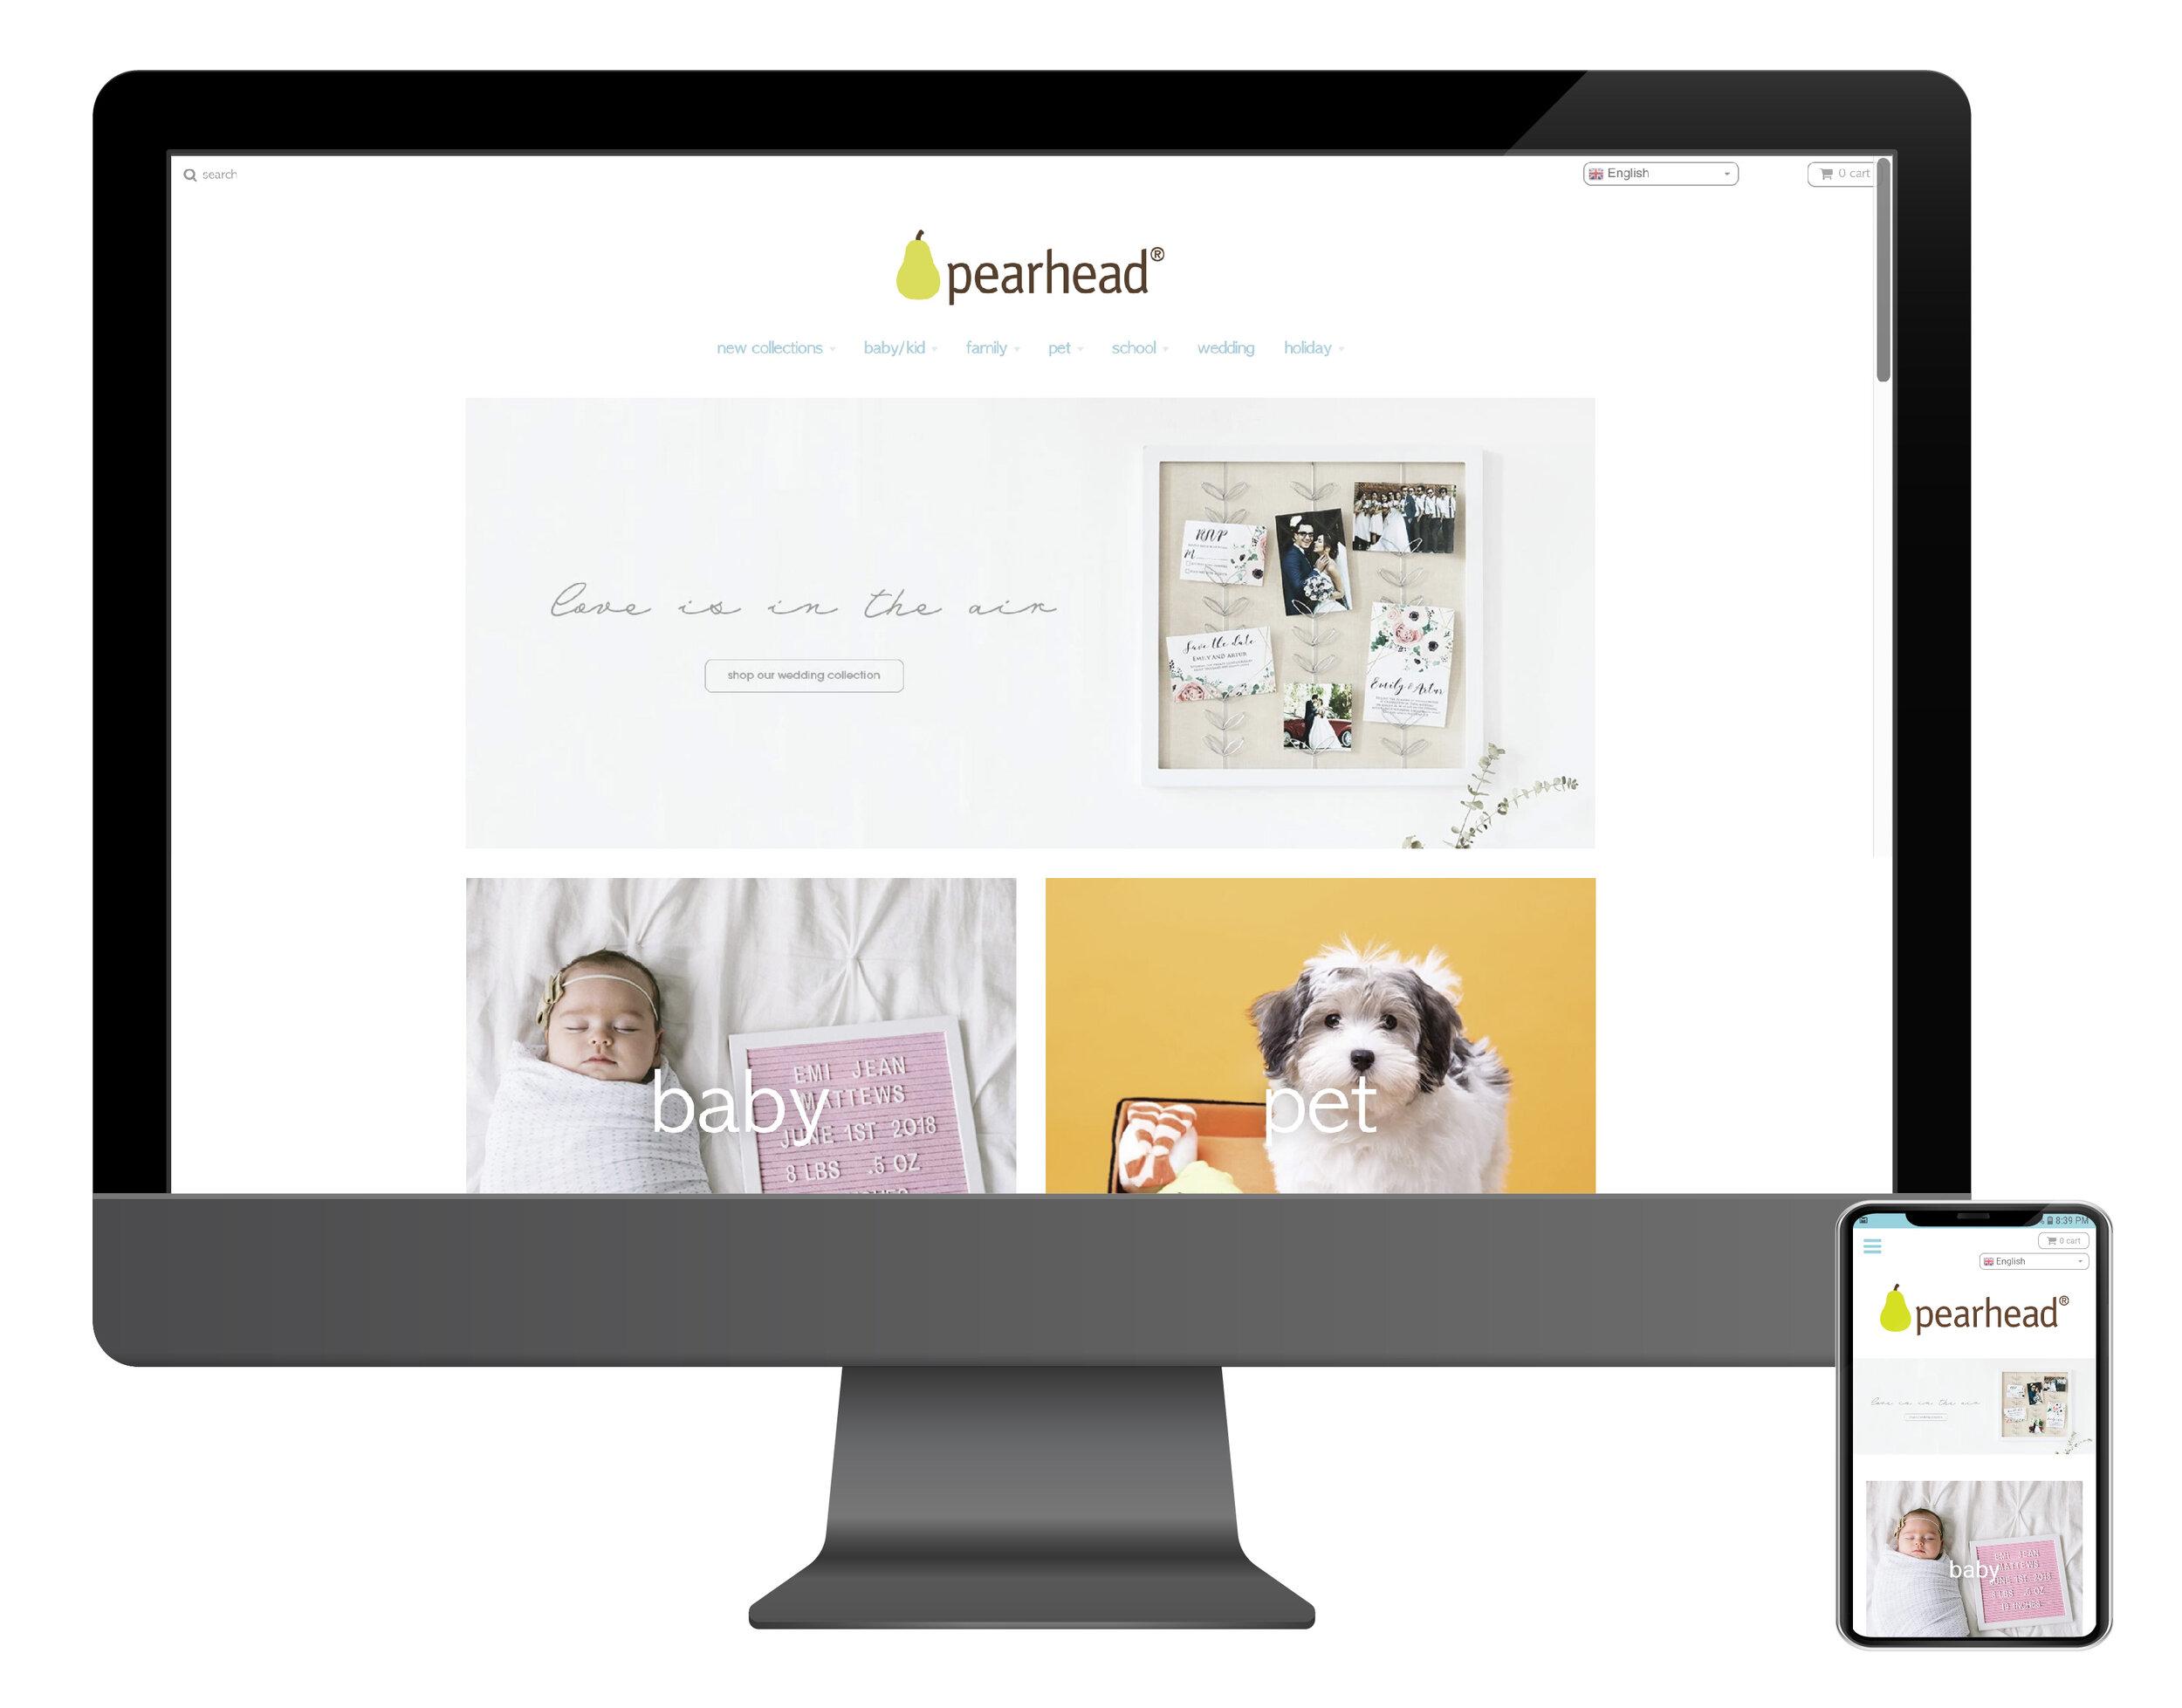 pearheadwebsite-01.jpg